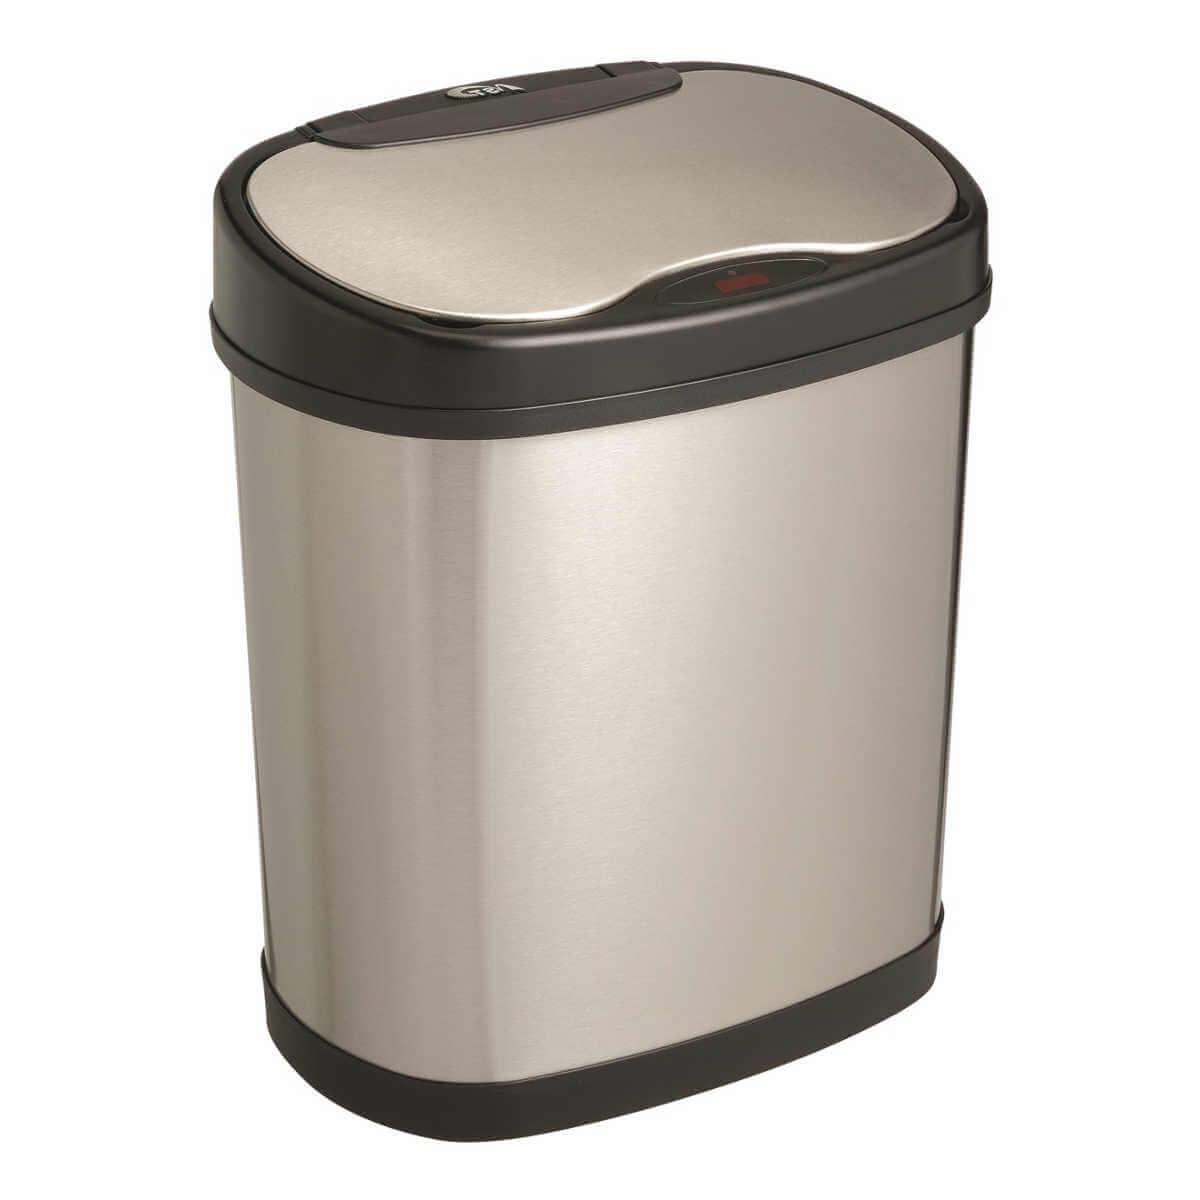 Kosz na śmieci DZT-12-13 12l bezdotykowy automatyczny owal